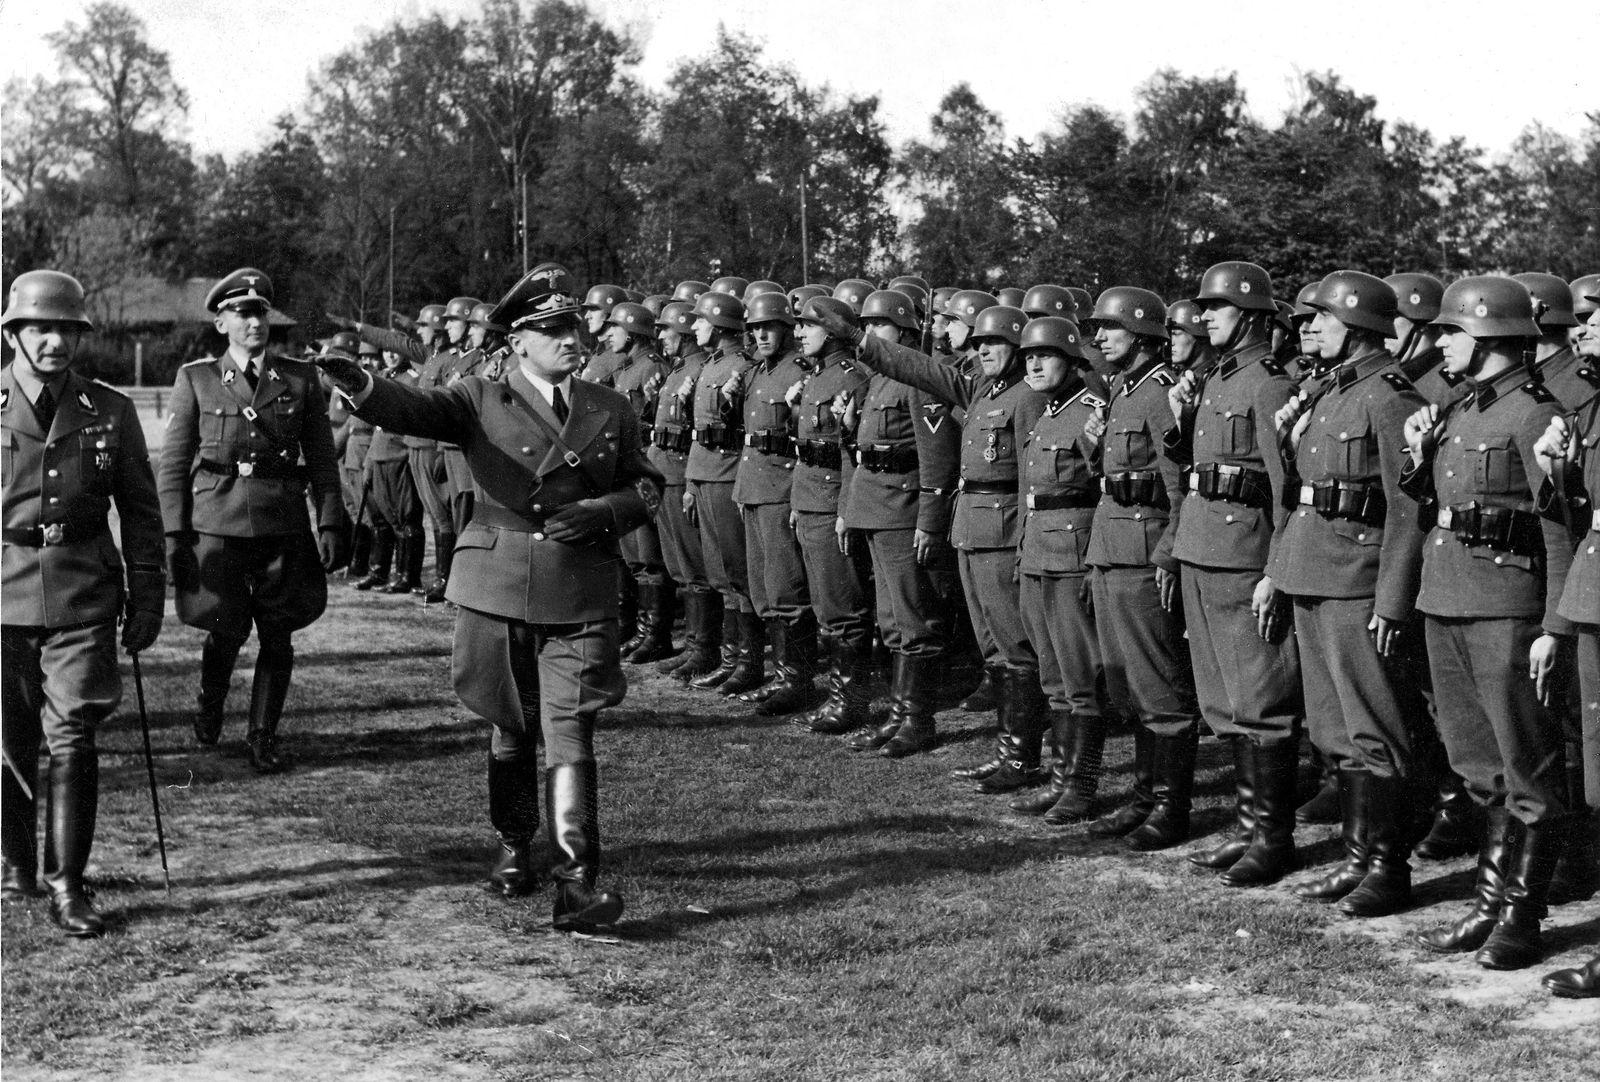 Hans Swarowsky - Frank inspiziert SS-Verb?nde im besetzten Polen